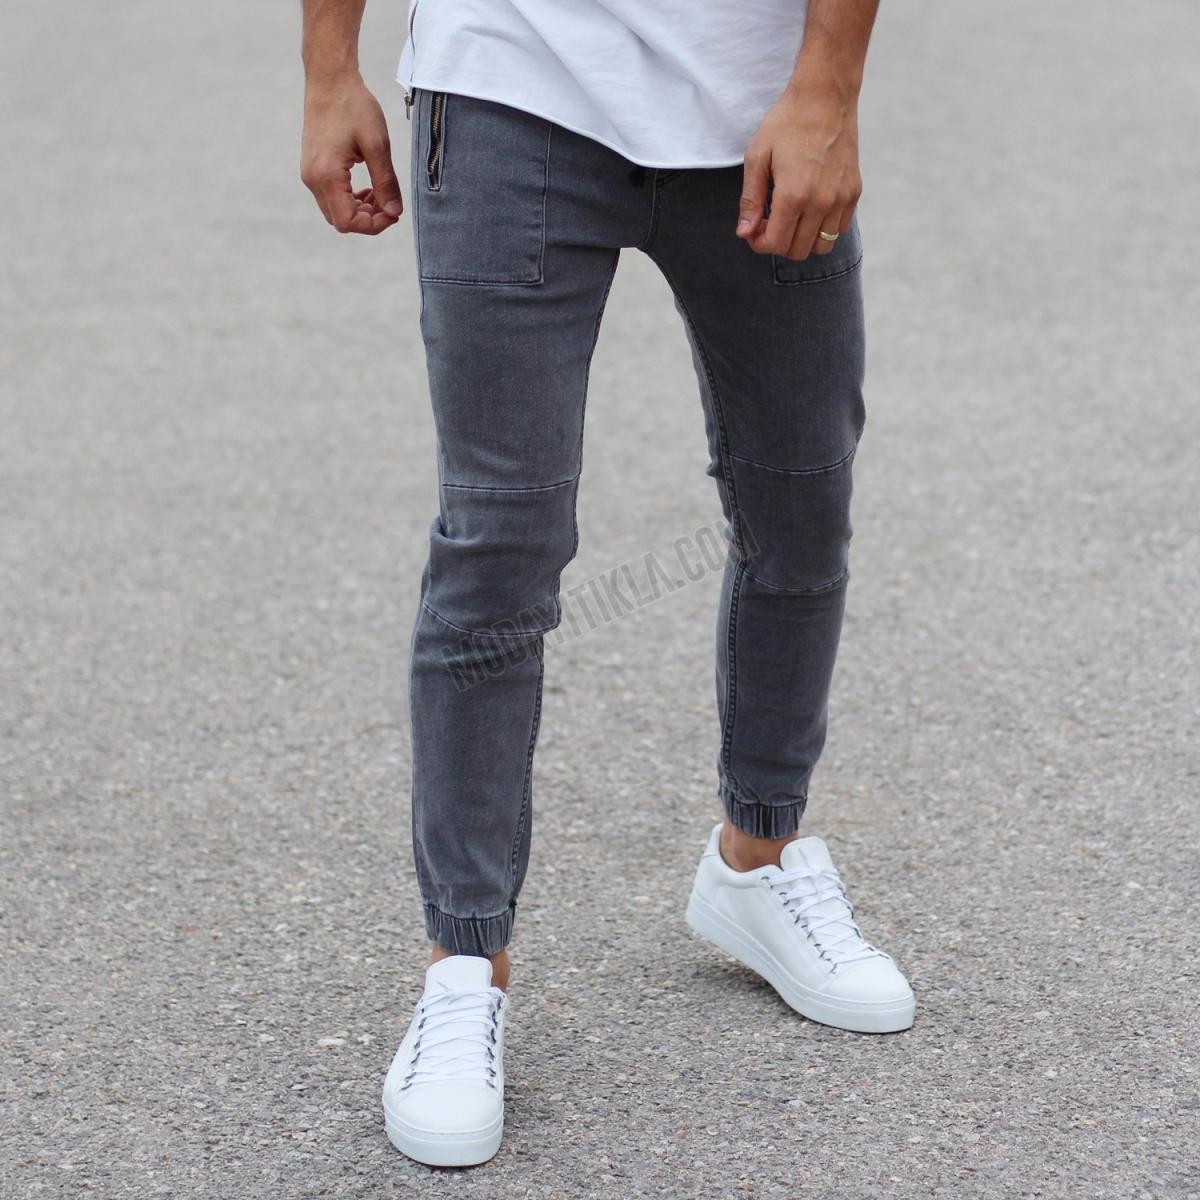 Erkek Likralı Dizleri Dikişli Gri Pantolon